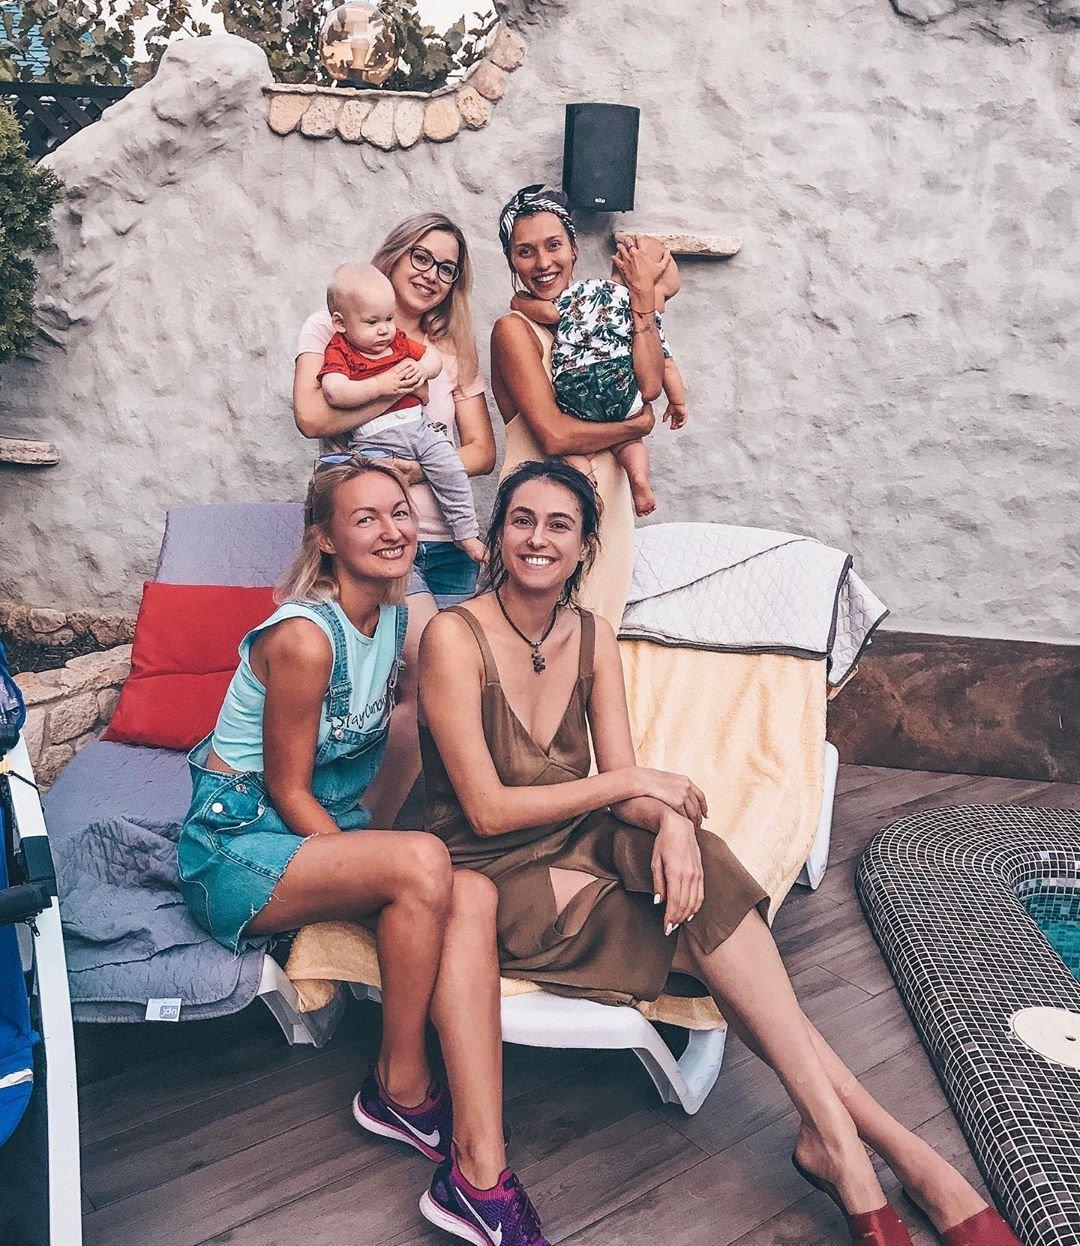 Регина Тодоренко с подругами в Одессе